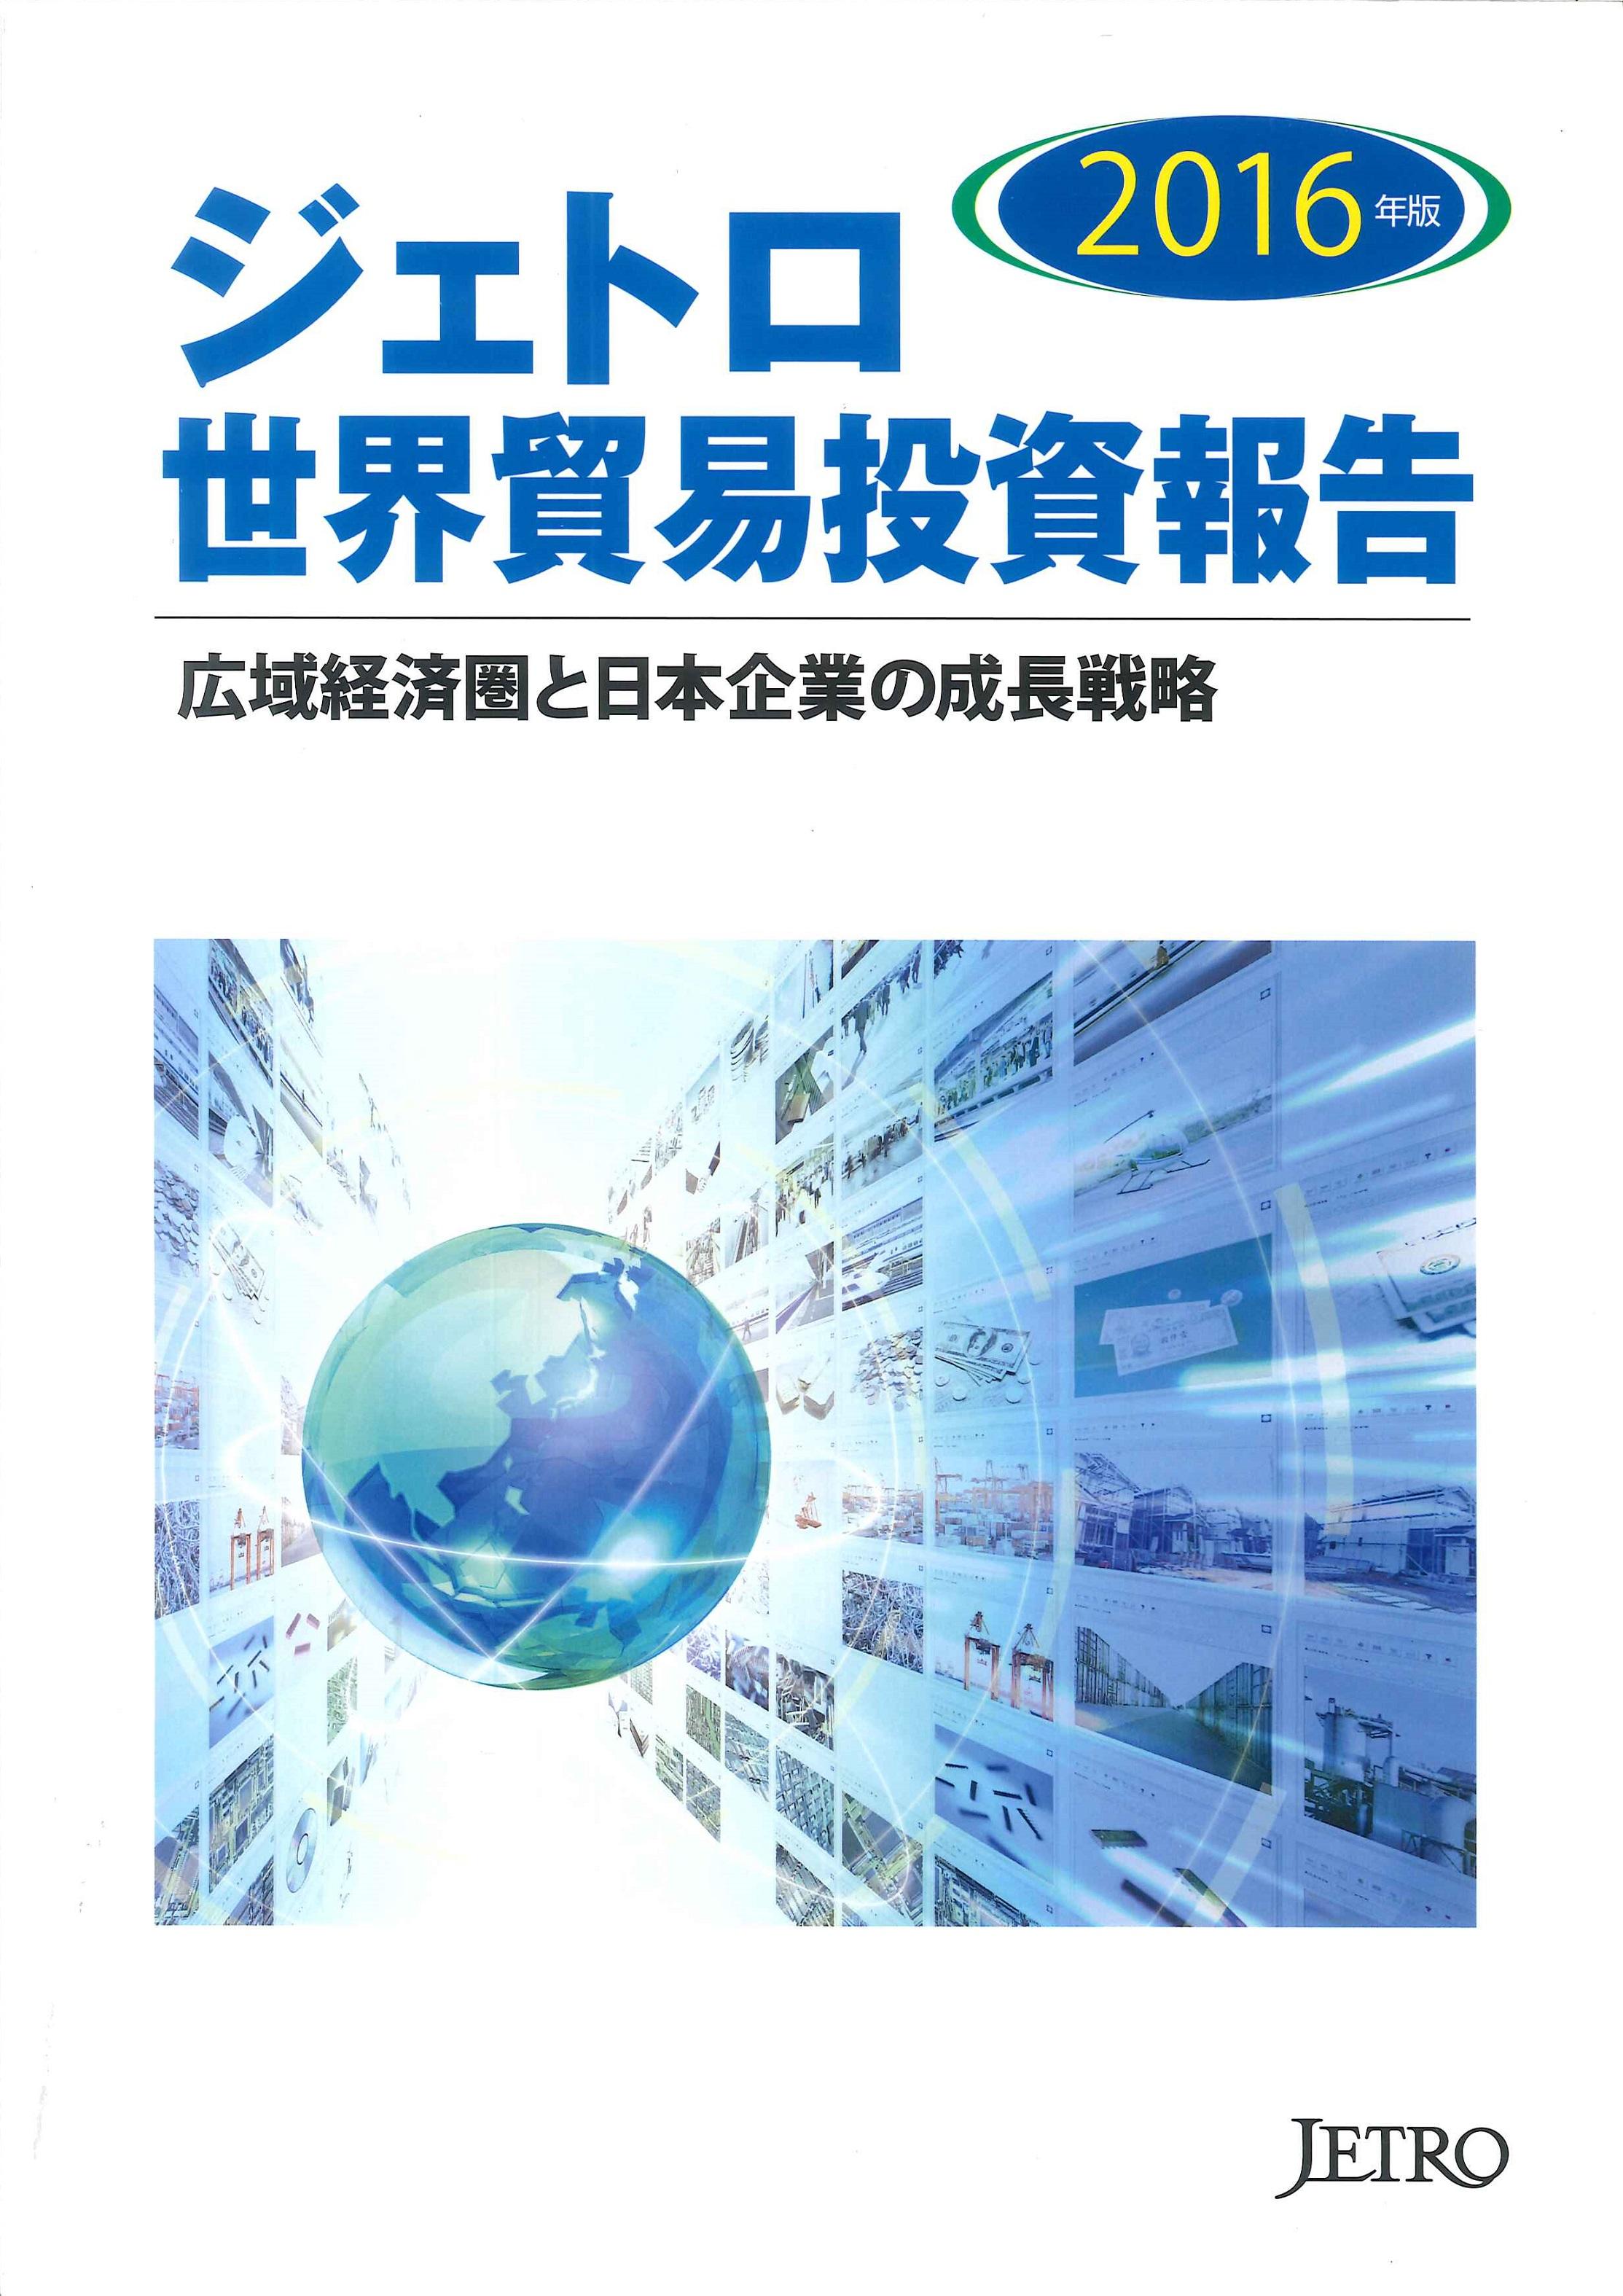 ジェトロ世界貿易投資報告